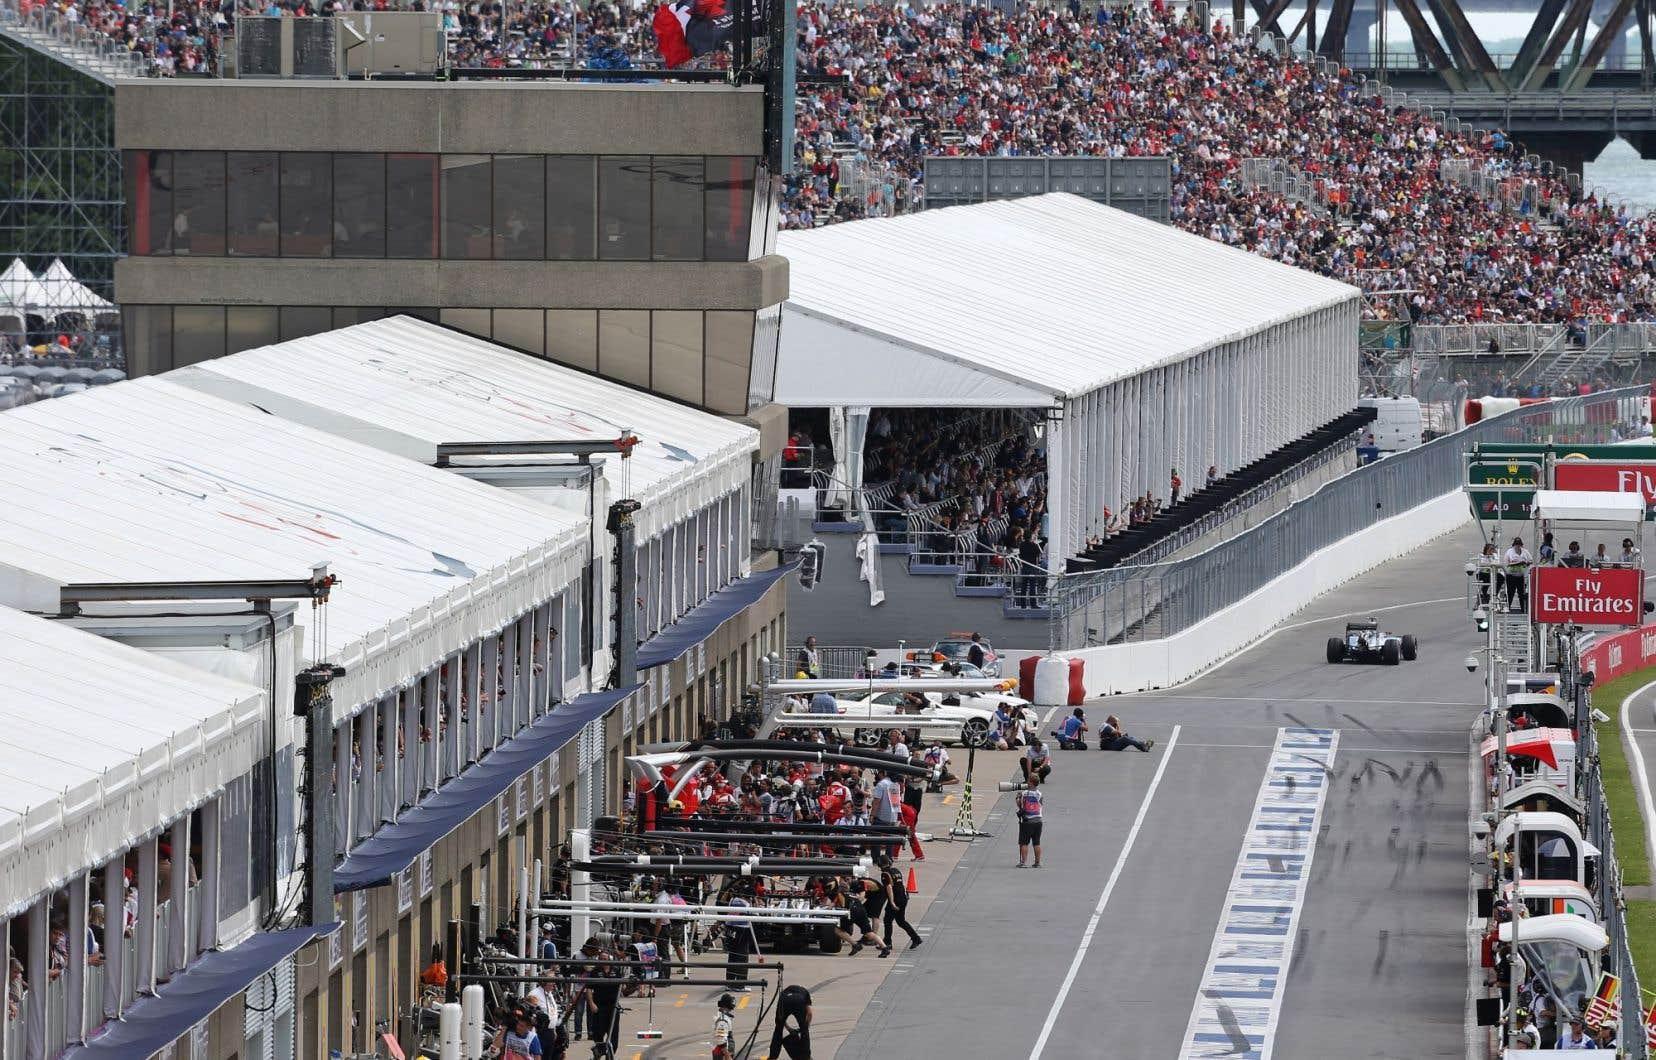 En 2014, Montréal s'était engagé à procéder à d'importants travaux au circuit Gilles-Villeneuve afin de moderniser les infrastructures selon les instructions de la FIA.